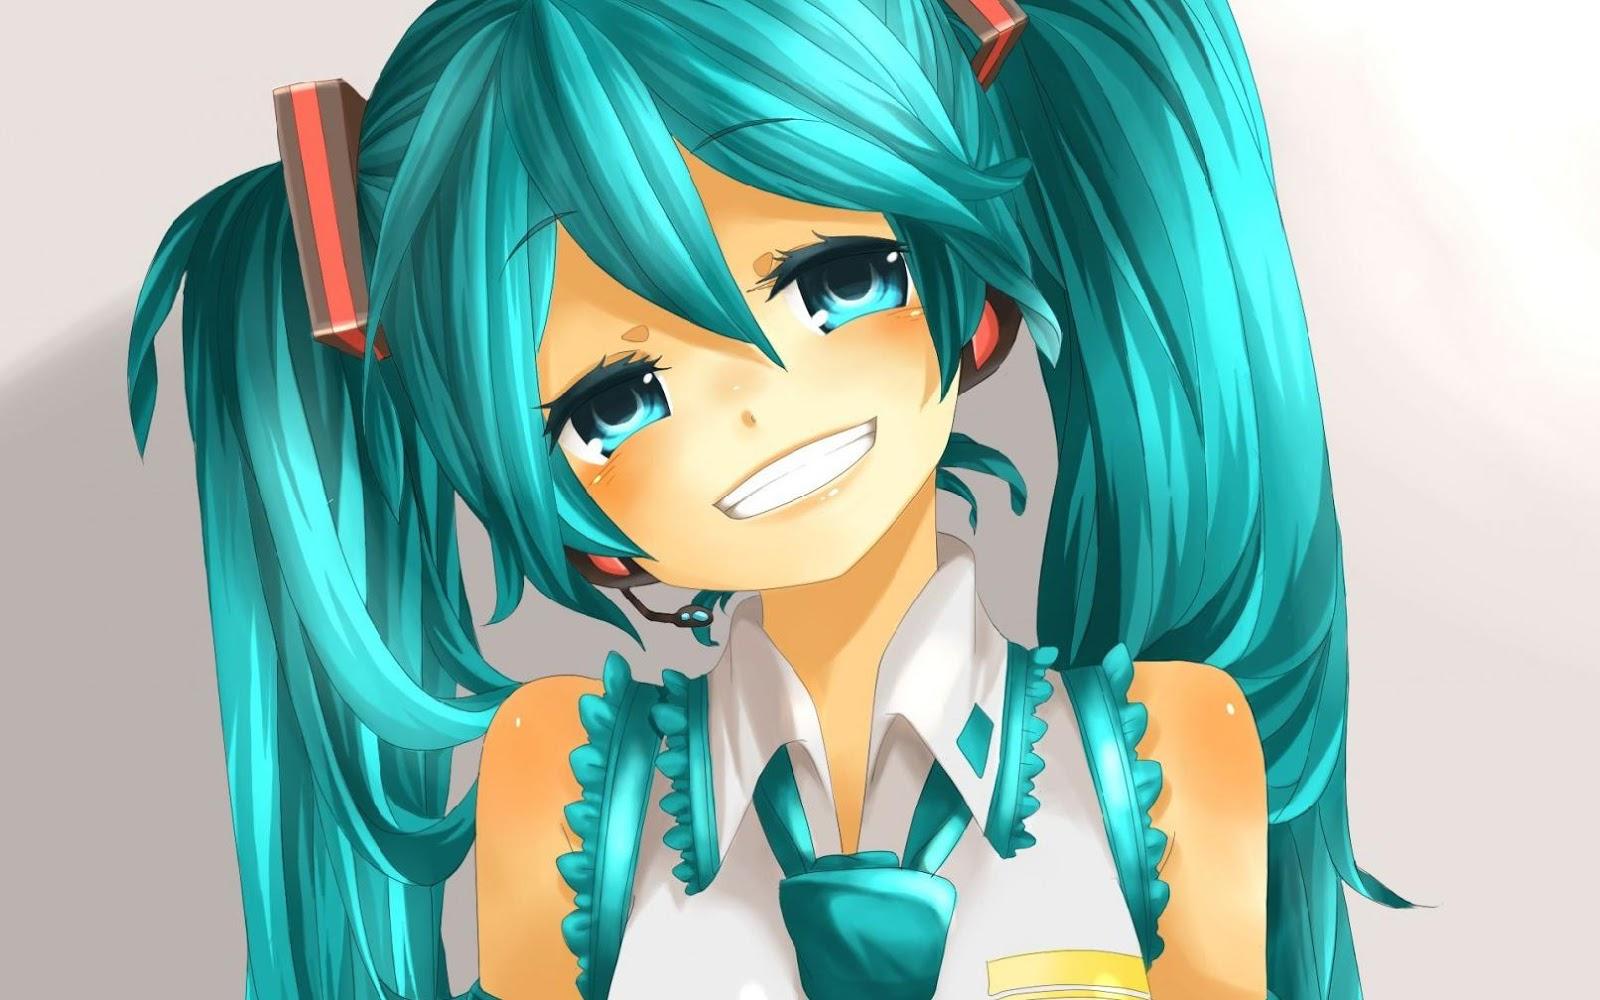 Wallpaper Animasi Korea Anime Girl Big Smile